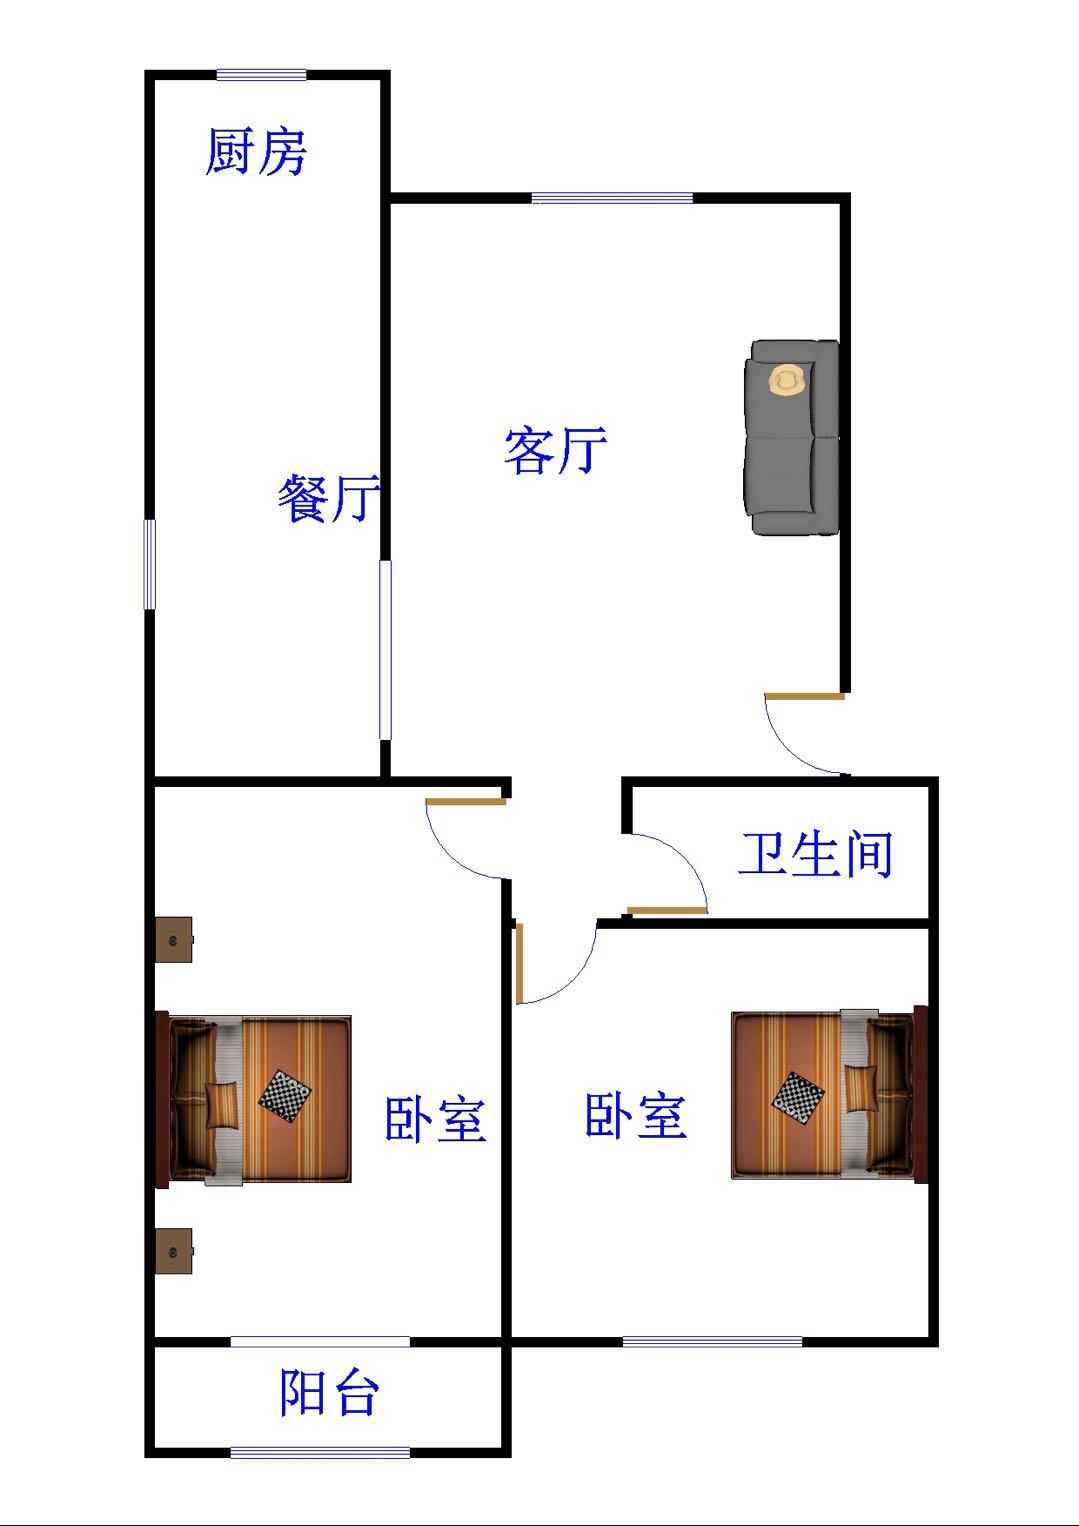 新华书店宿舍 2室2厅 双证齐全过五年 简装 62万